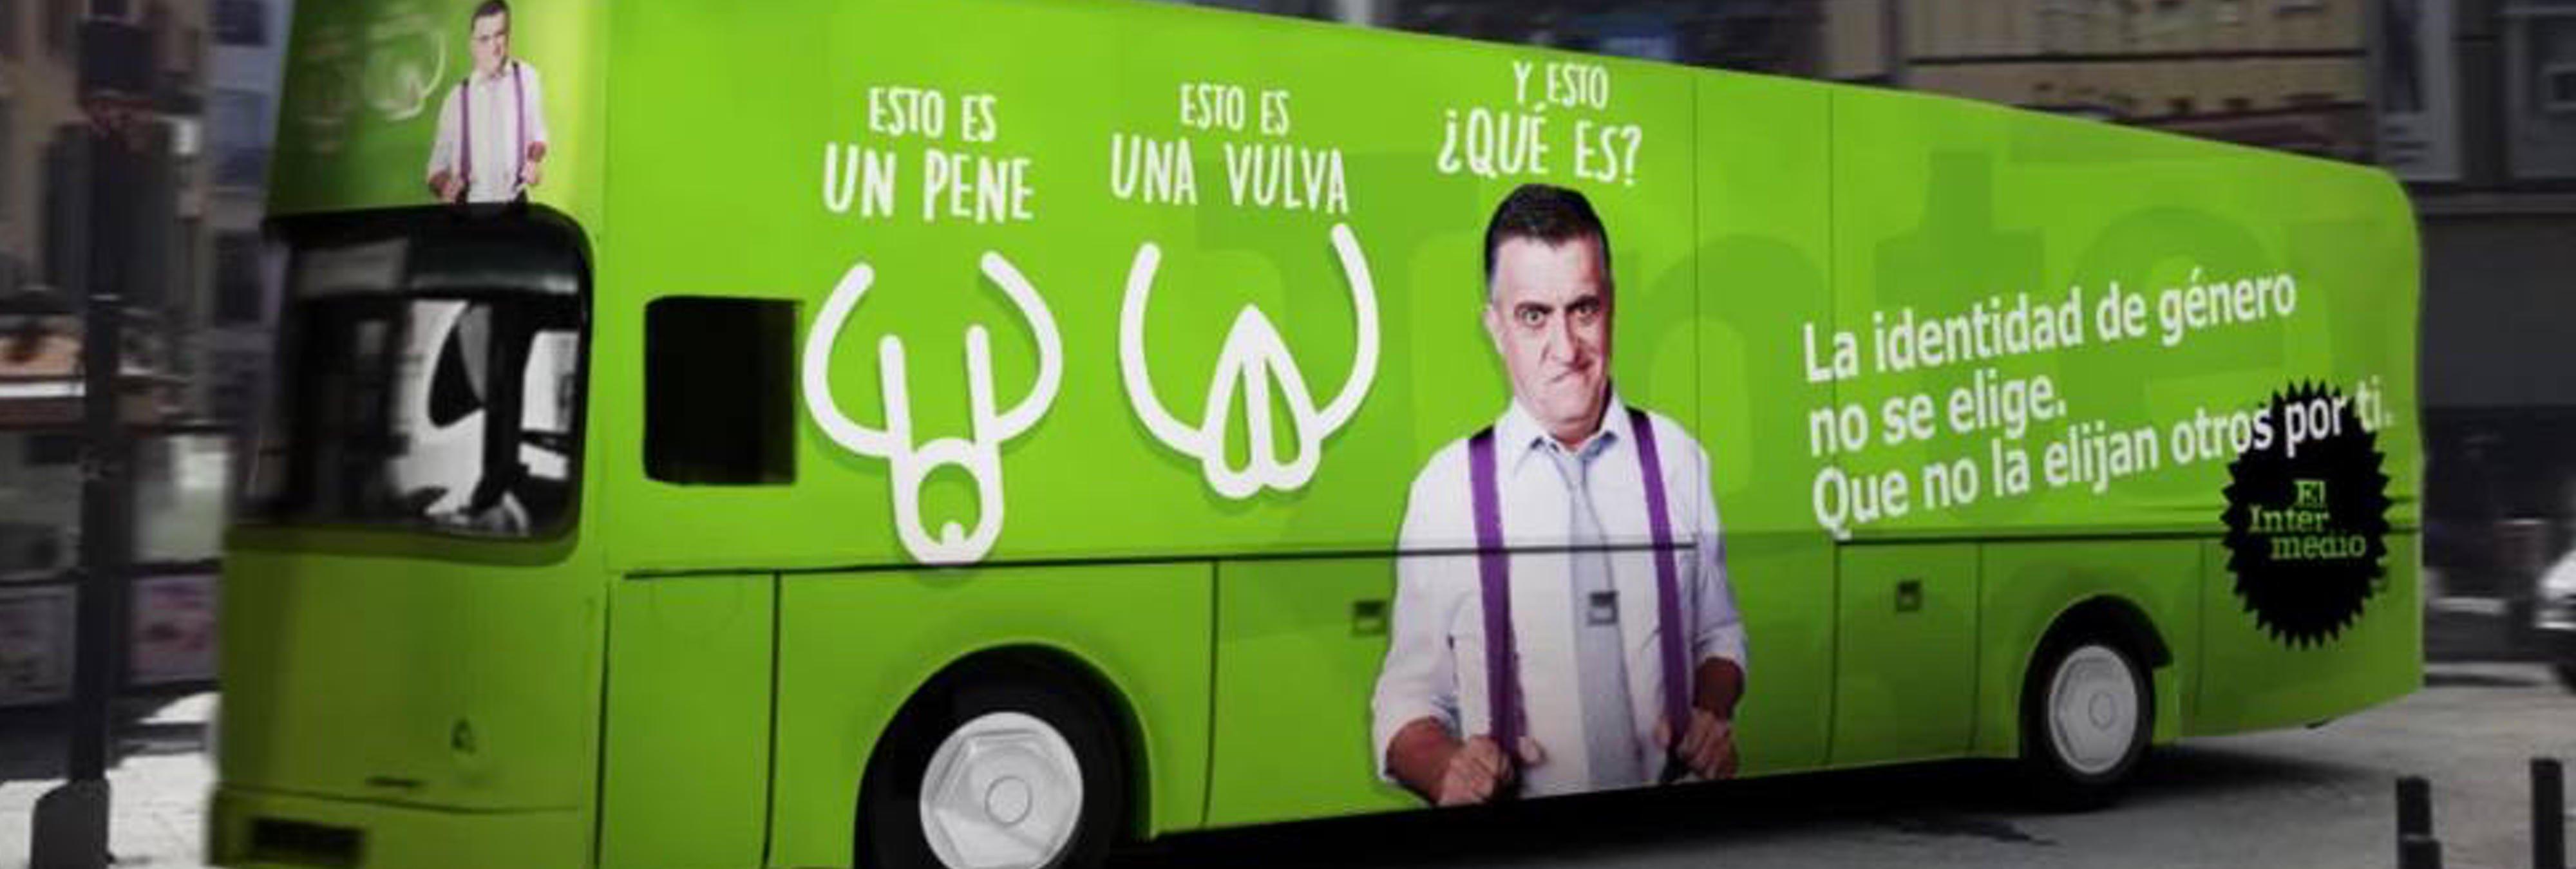 """'El Intermedio' responde al ataque transfóbico de Hazte Oír con un autobús reivindicativo: """"la identidad de género no se elige"""""""